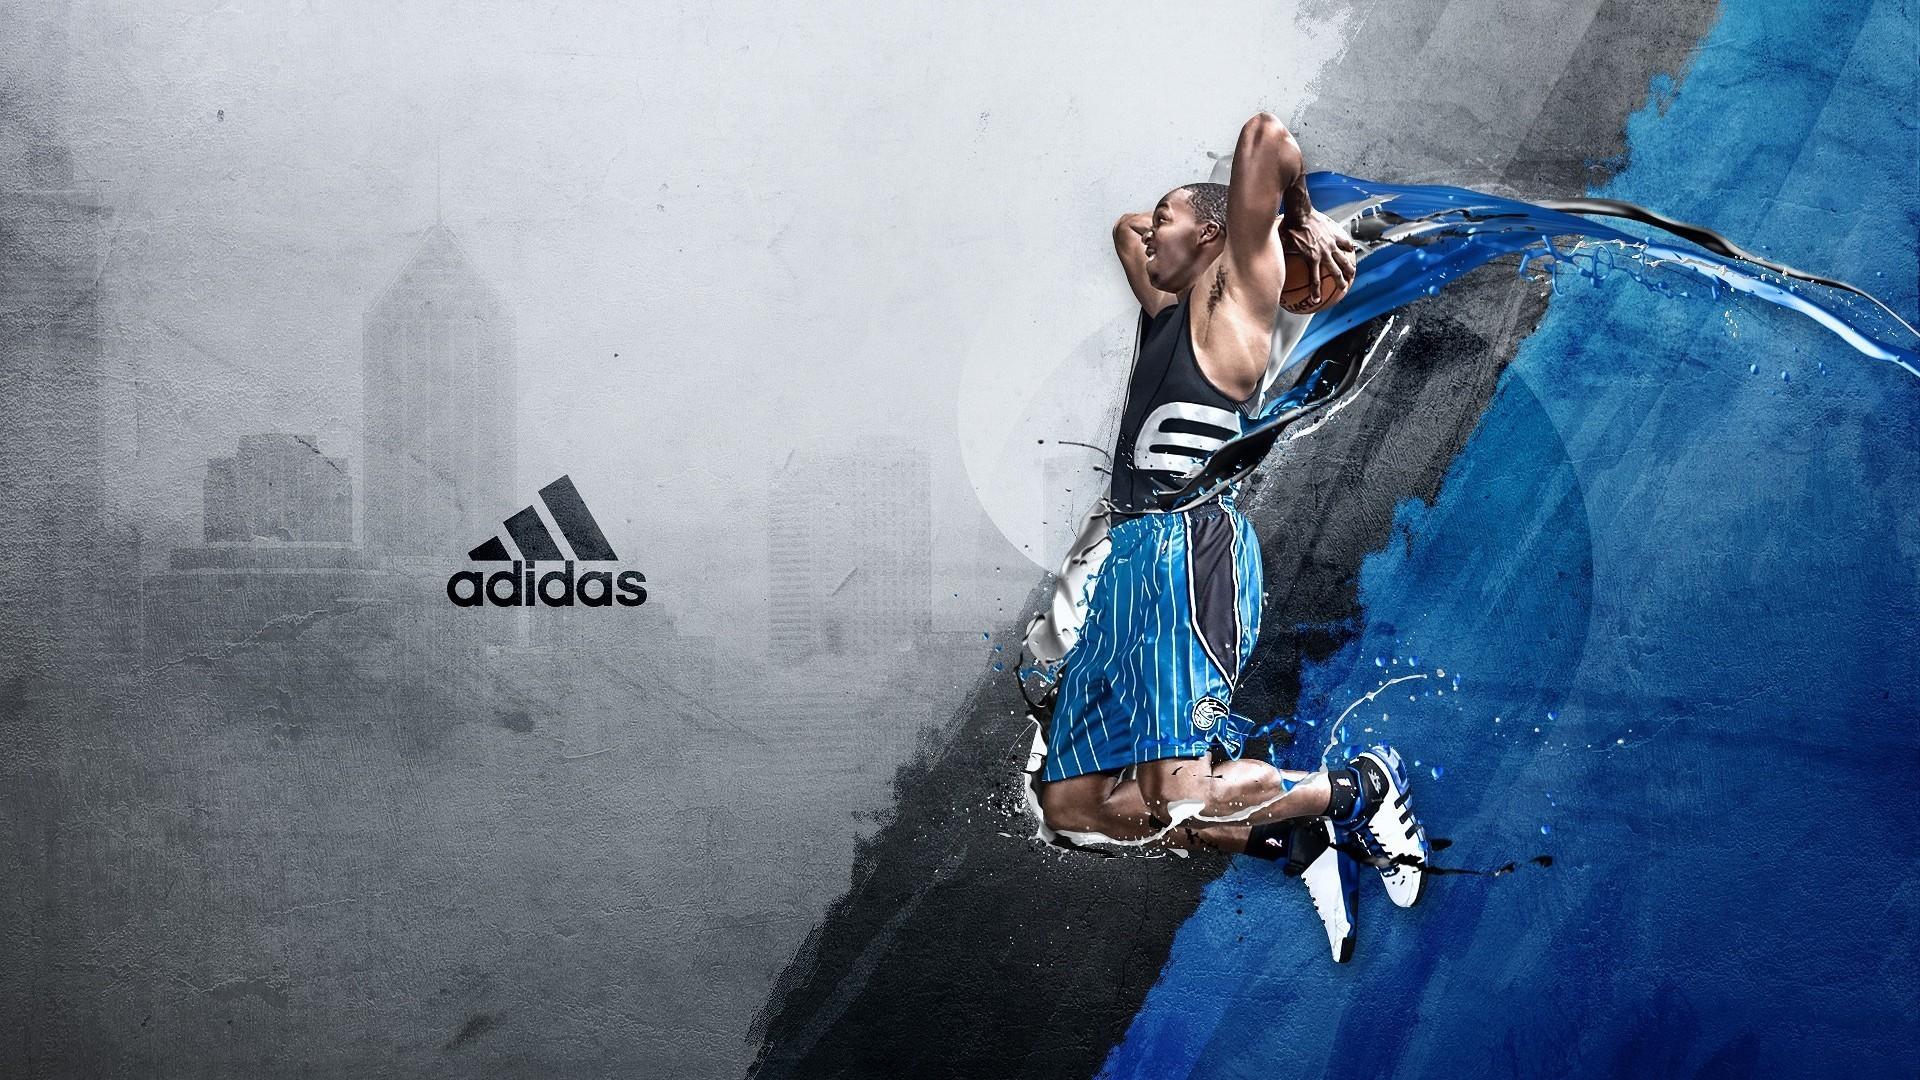 Adidas Basketball hd Widescreen Wallpaper hight definition Widescreen images